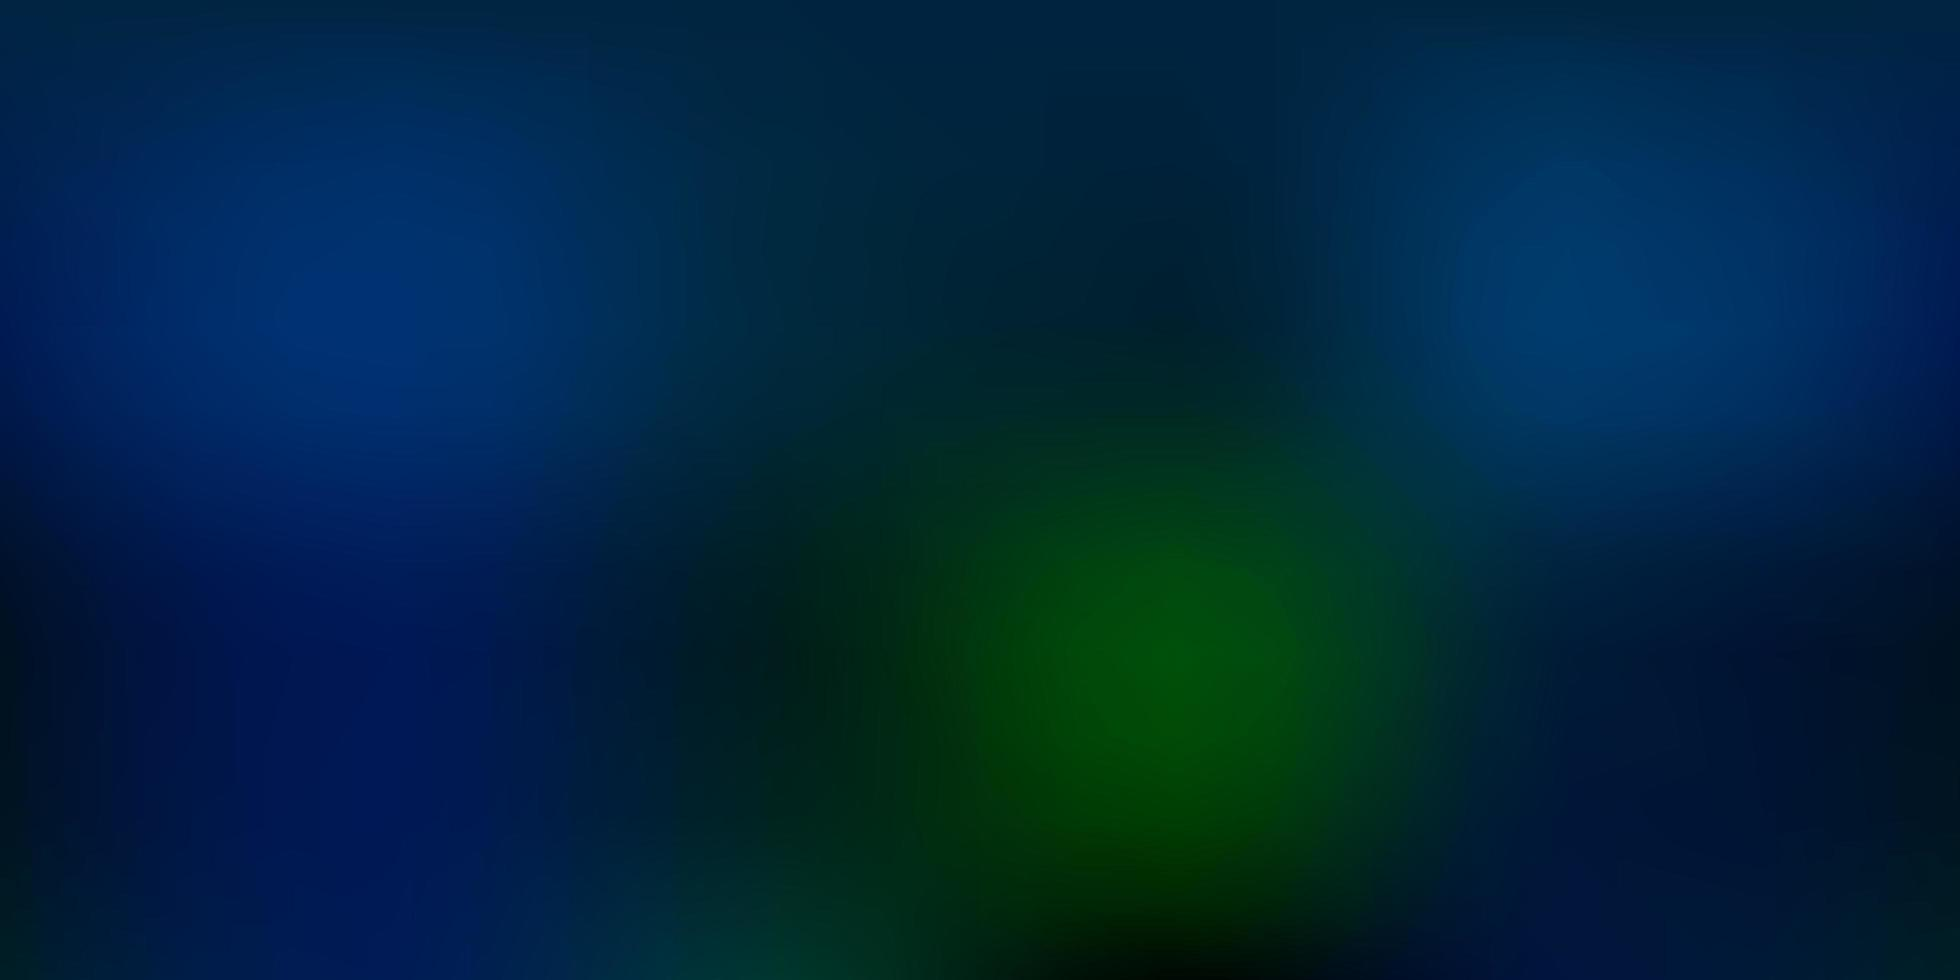 abstrakte Unschärfetextur der dunkelblauen, grünen Vektor. vektor